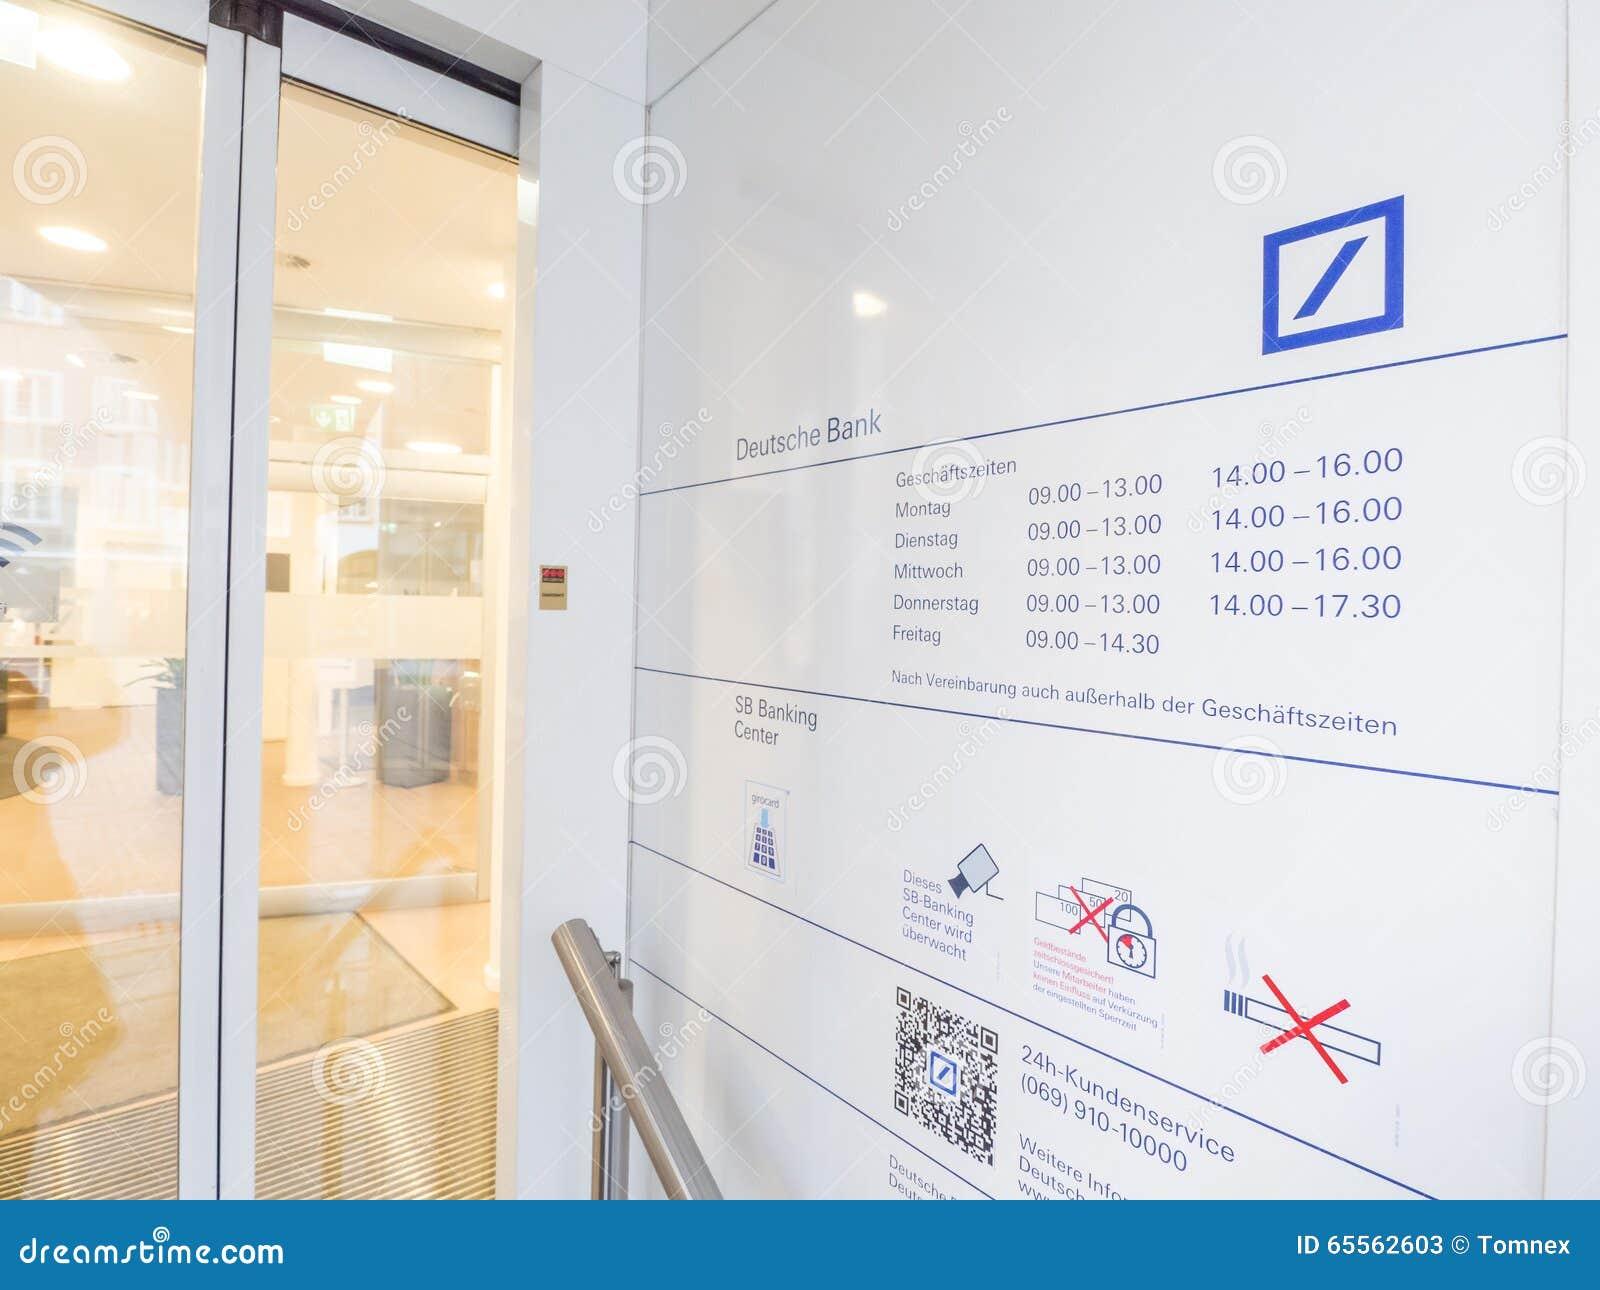 Offnungszeiten Deutsche Bank